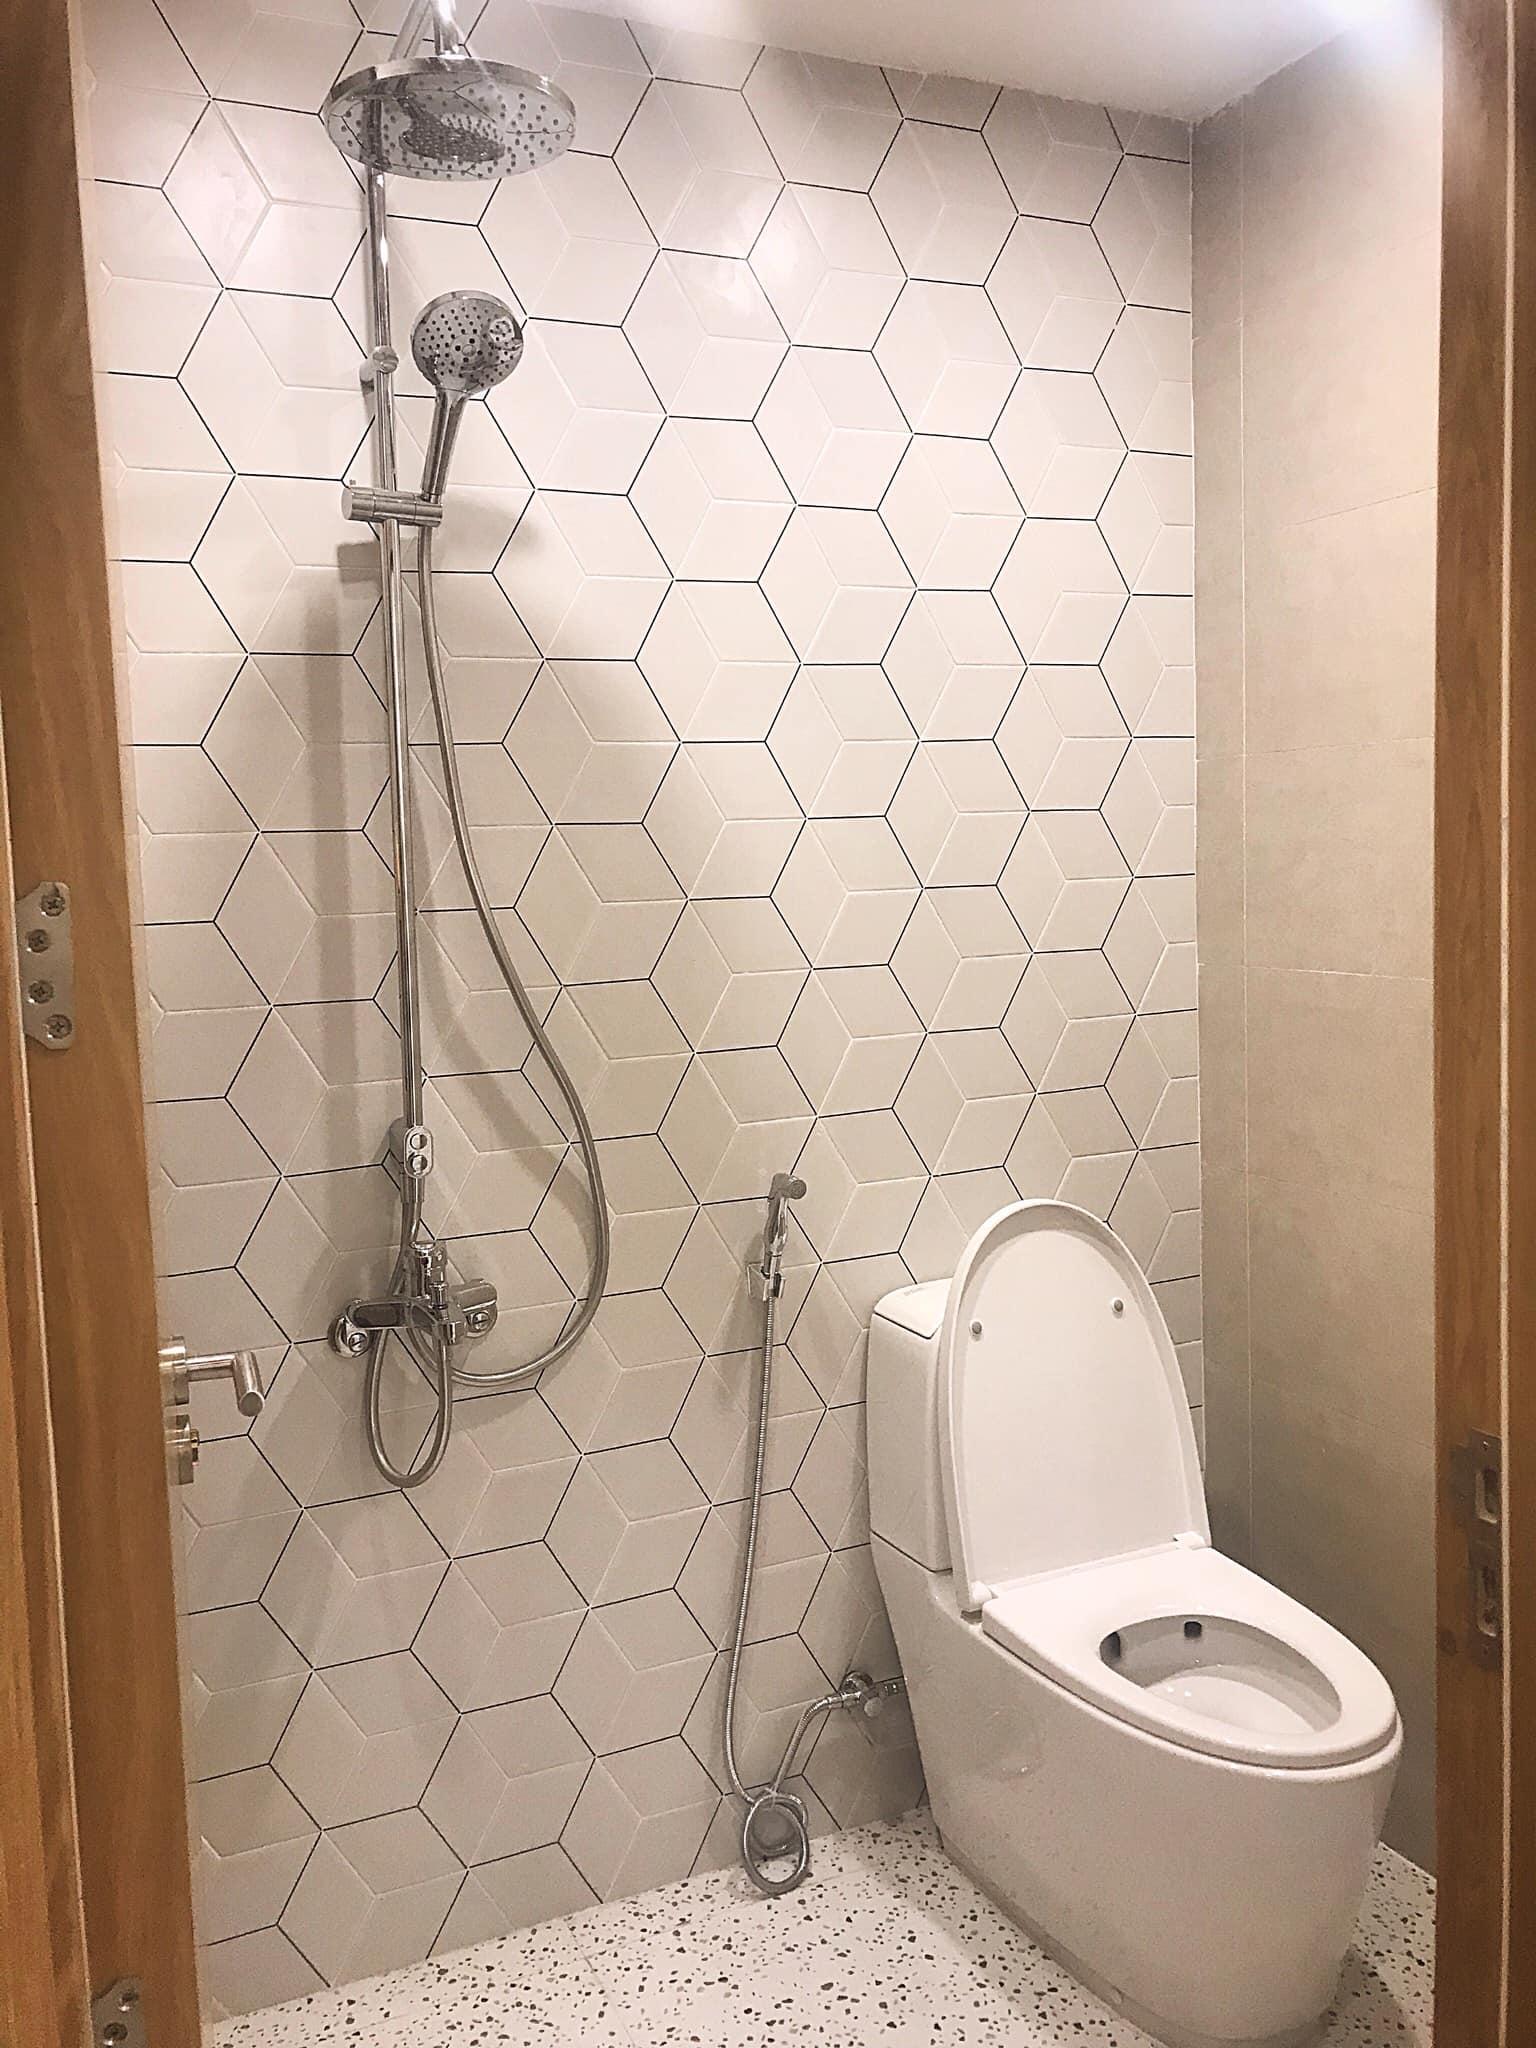 Nhà vệ sinh tiện nghi